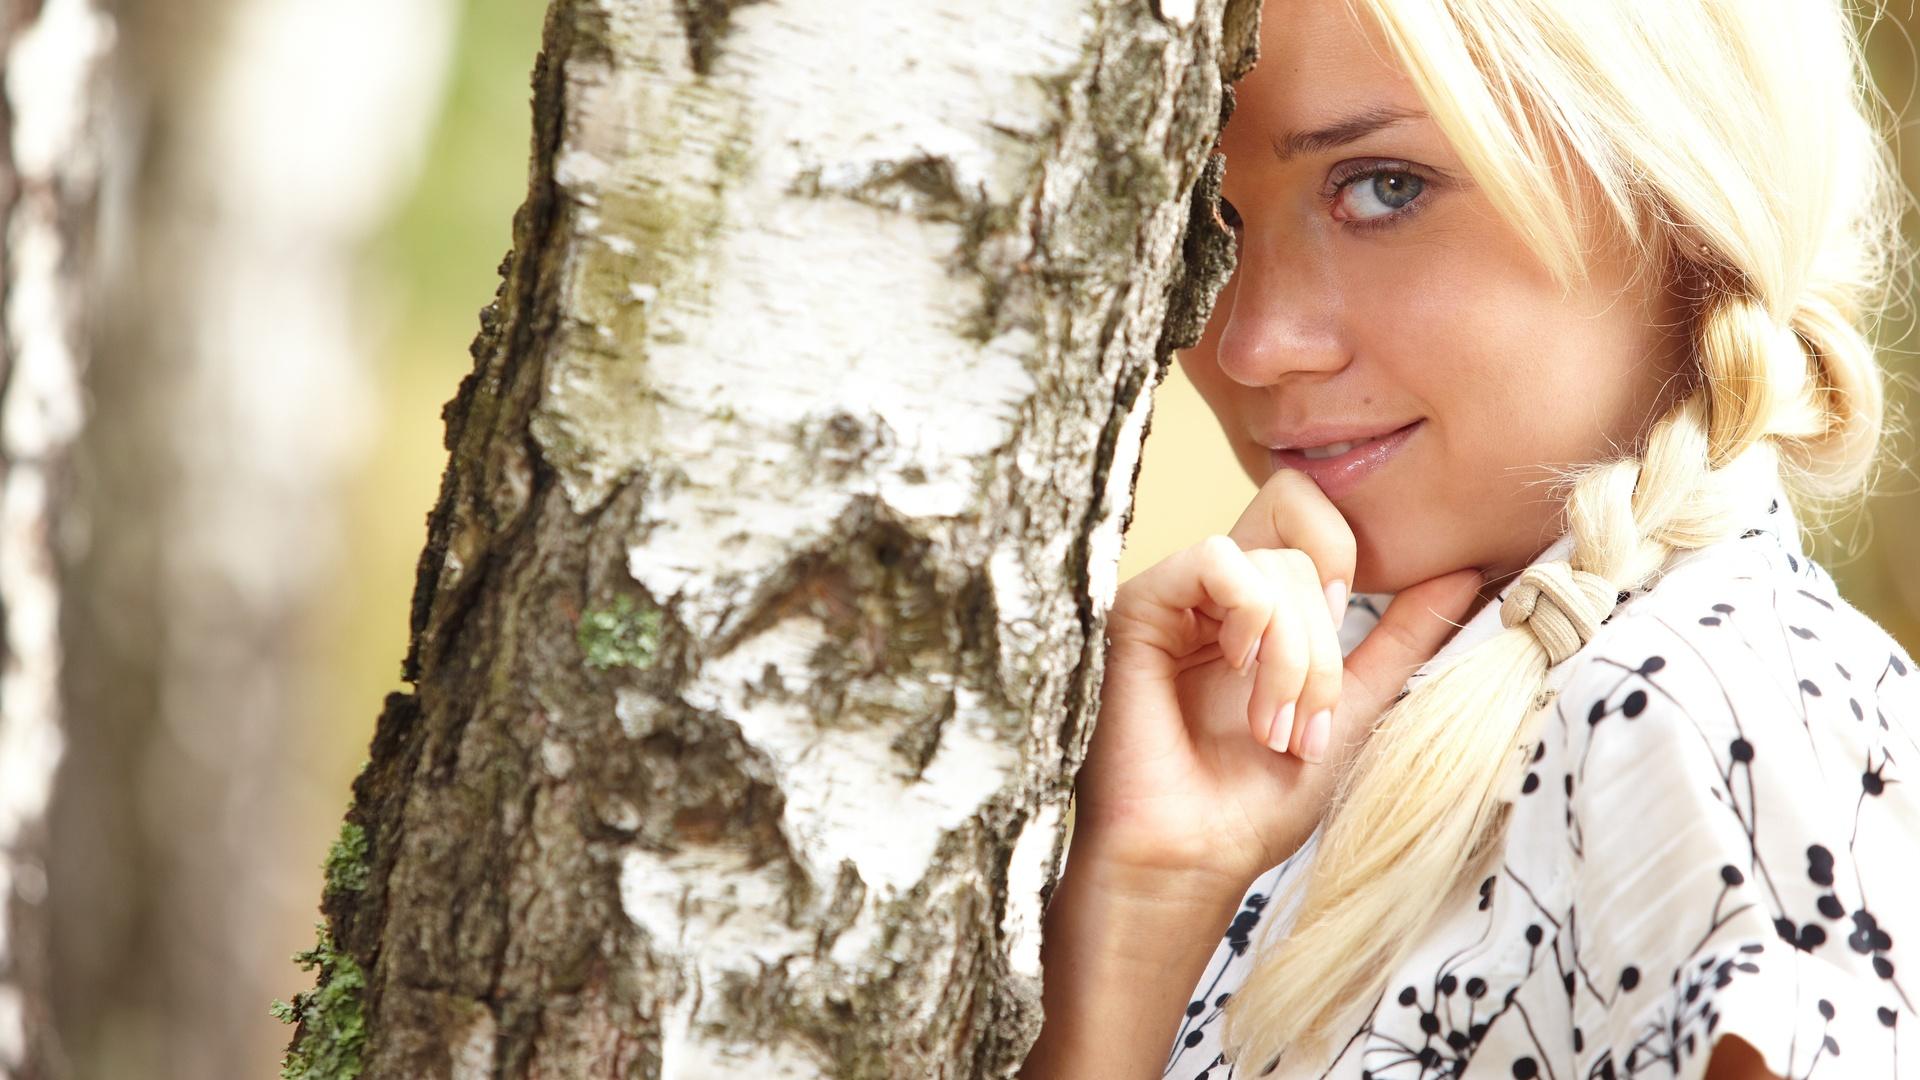 foto-krasivih-devushek-litso-blondinka-pod-derevom